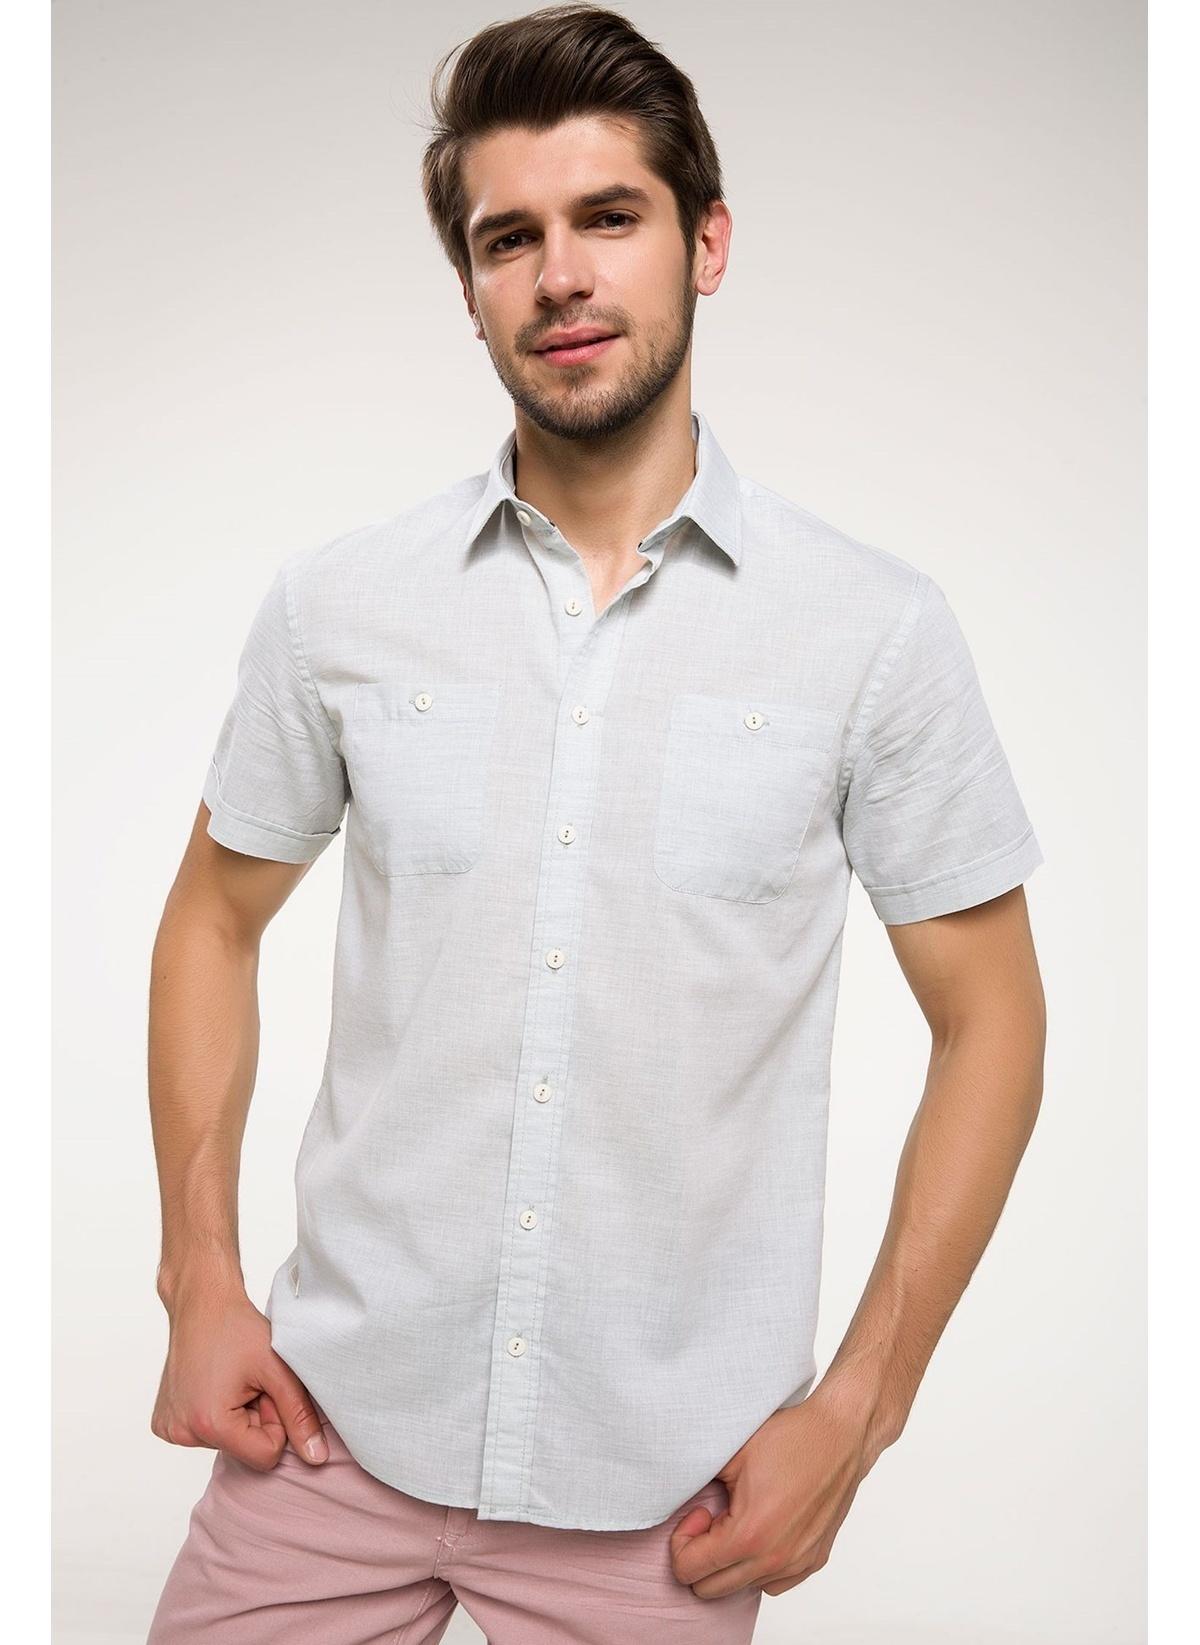 Defacto Slim Fit Kısa Kollu Gömlek I4602az18smtr359gömlek – 49.99 TL